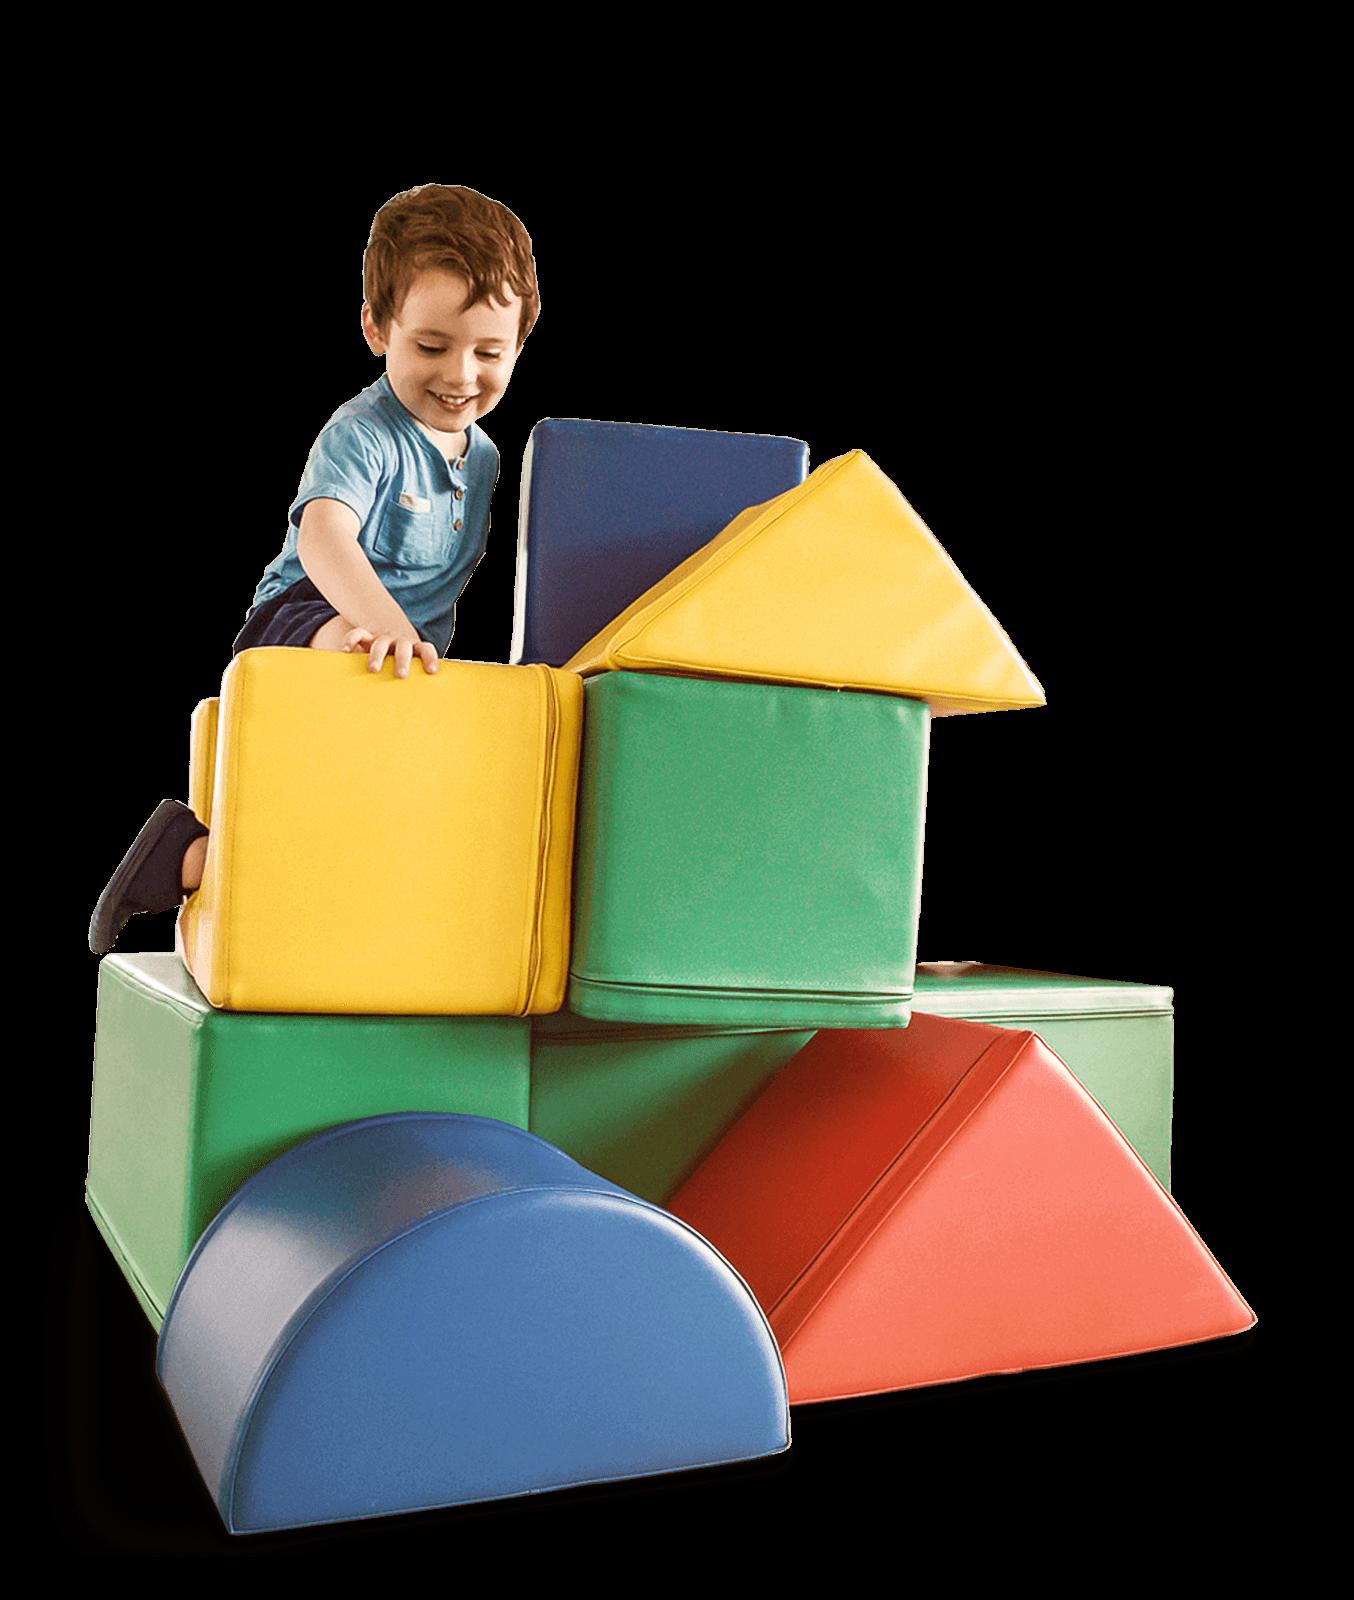 Junge auf Spielturm aus Schaumstoffklotzen